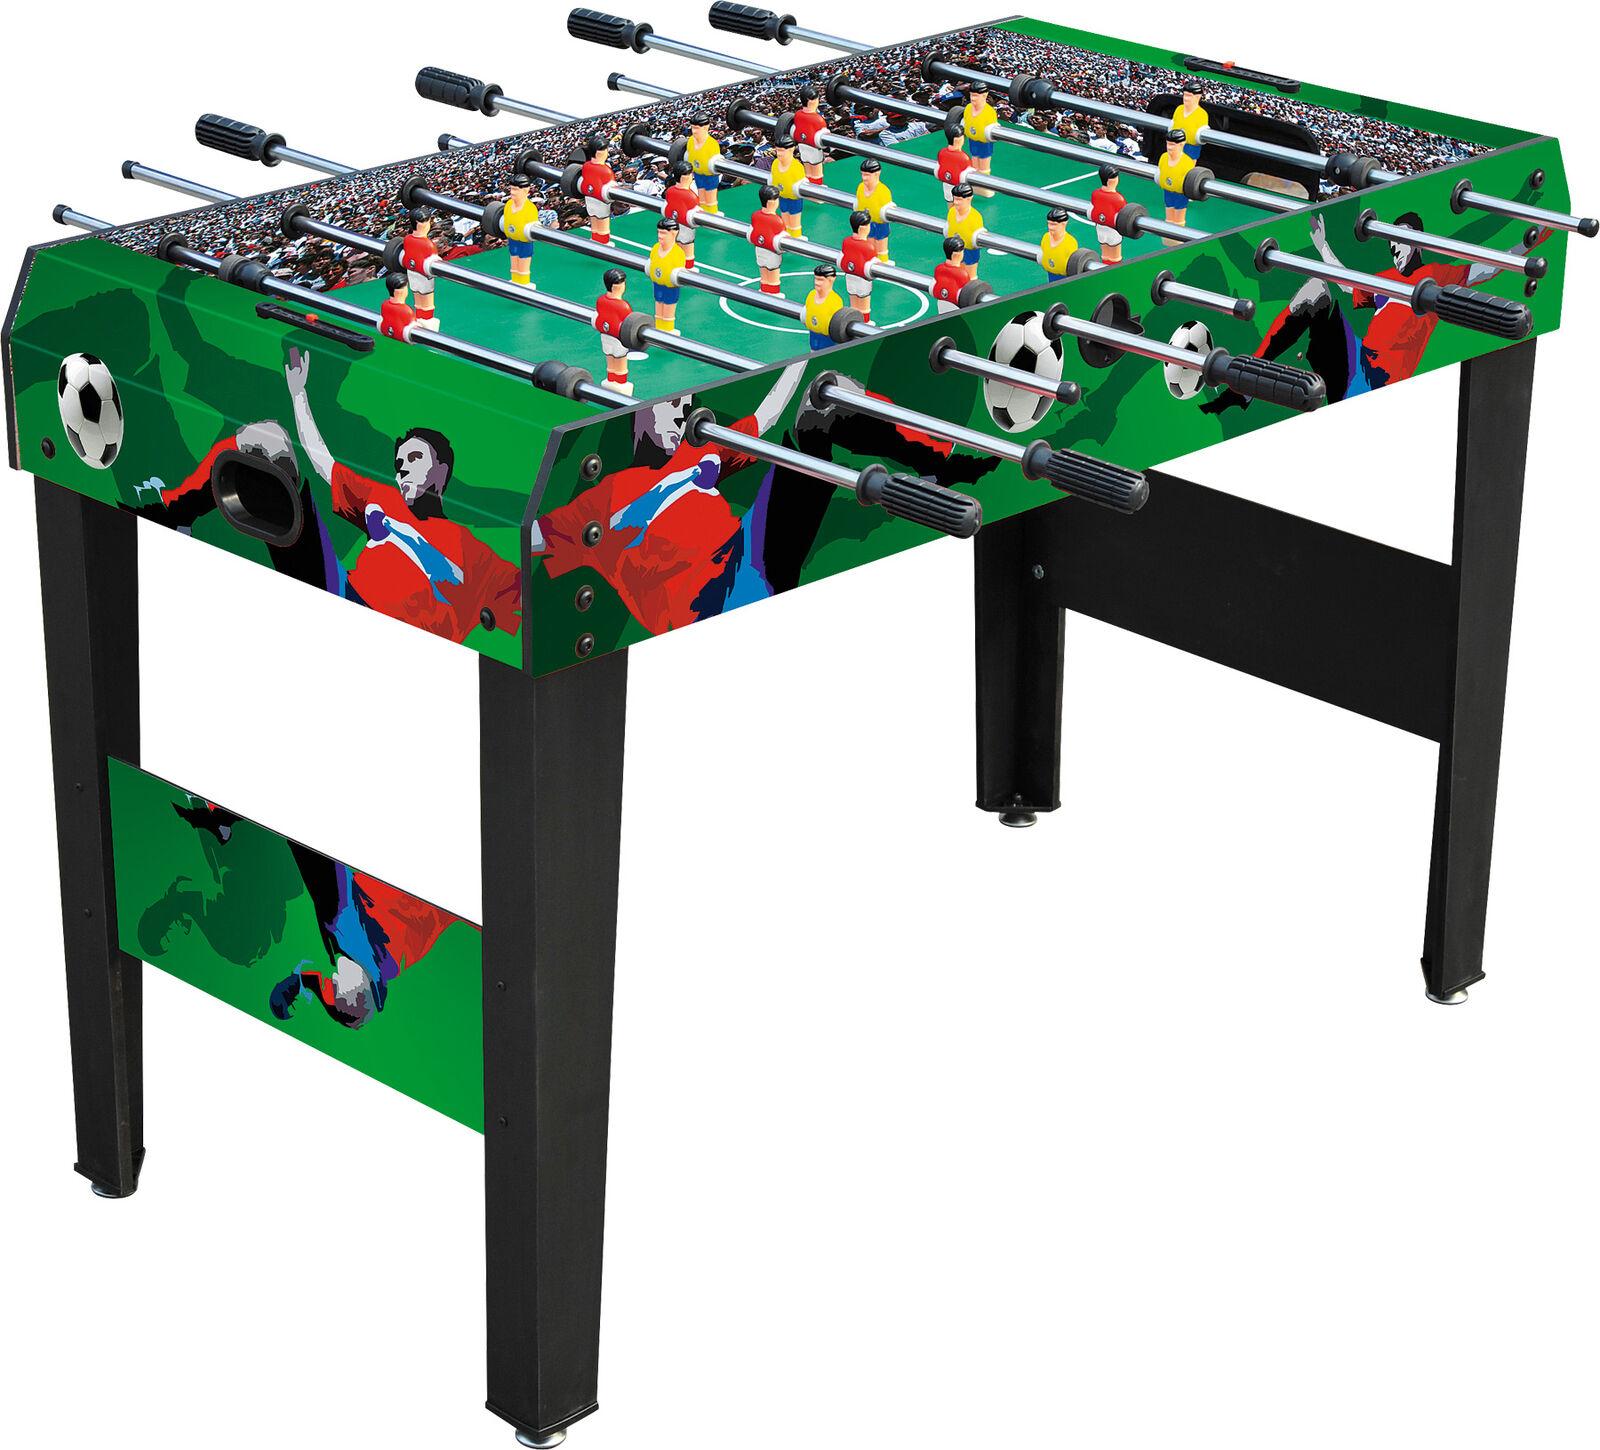 Tabla-estadio de fútbol   - pequeño pie - 9908